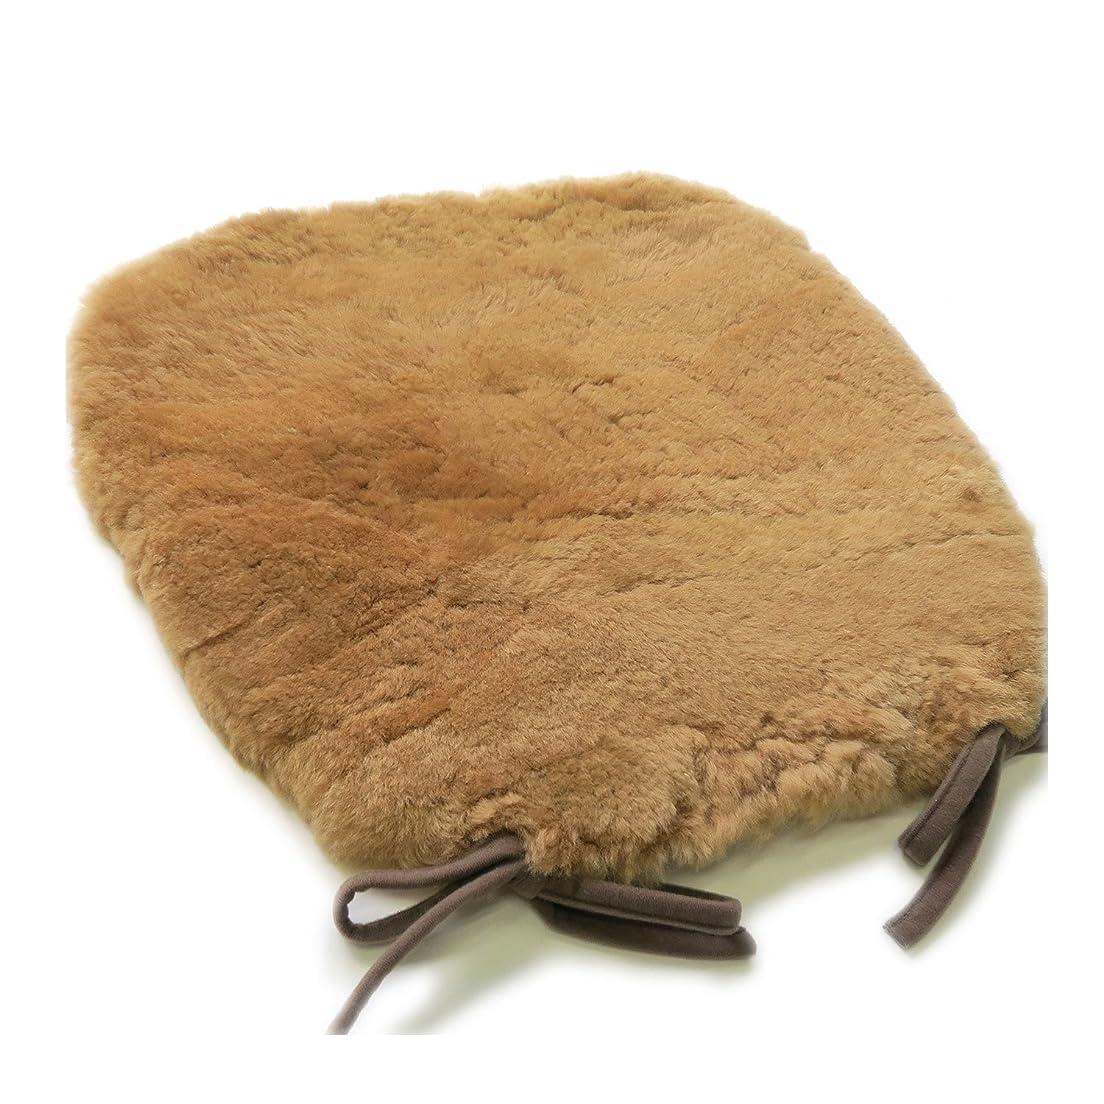 遠洋の取り戻す冗談でオーストラリア産 原皮を使用 ムートンクッション 約40×43cm 馬蹄型 大判サイズ 毛足25mm 高密度 ウレタン入り あったか ひも付き シートクッション ブラウン